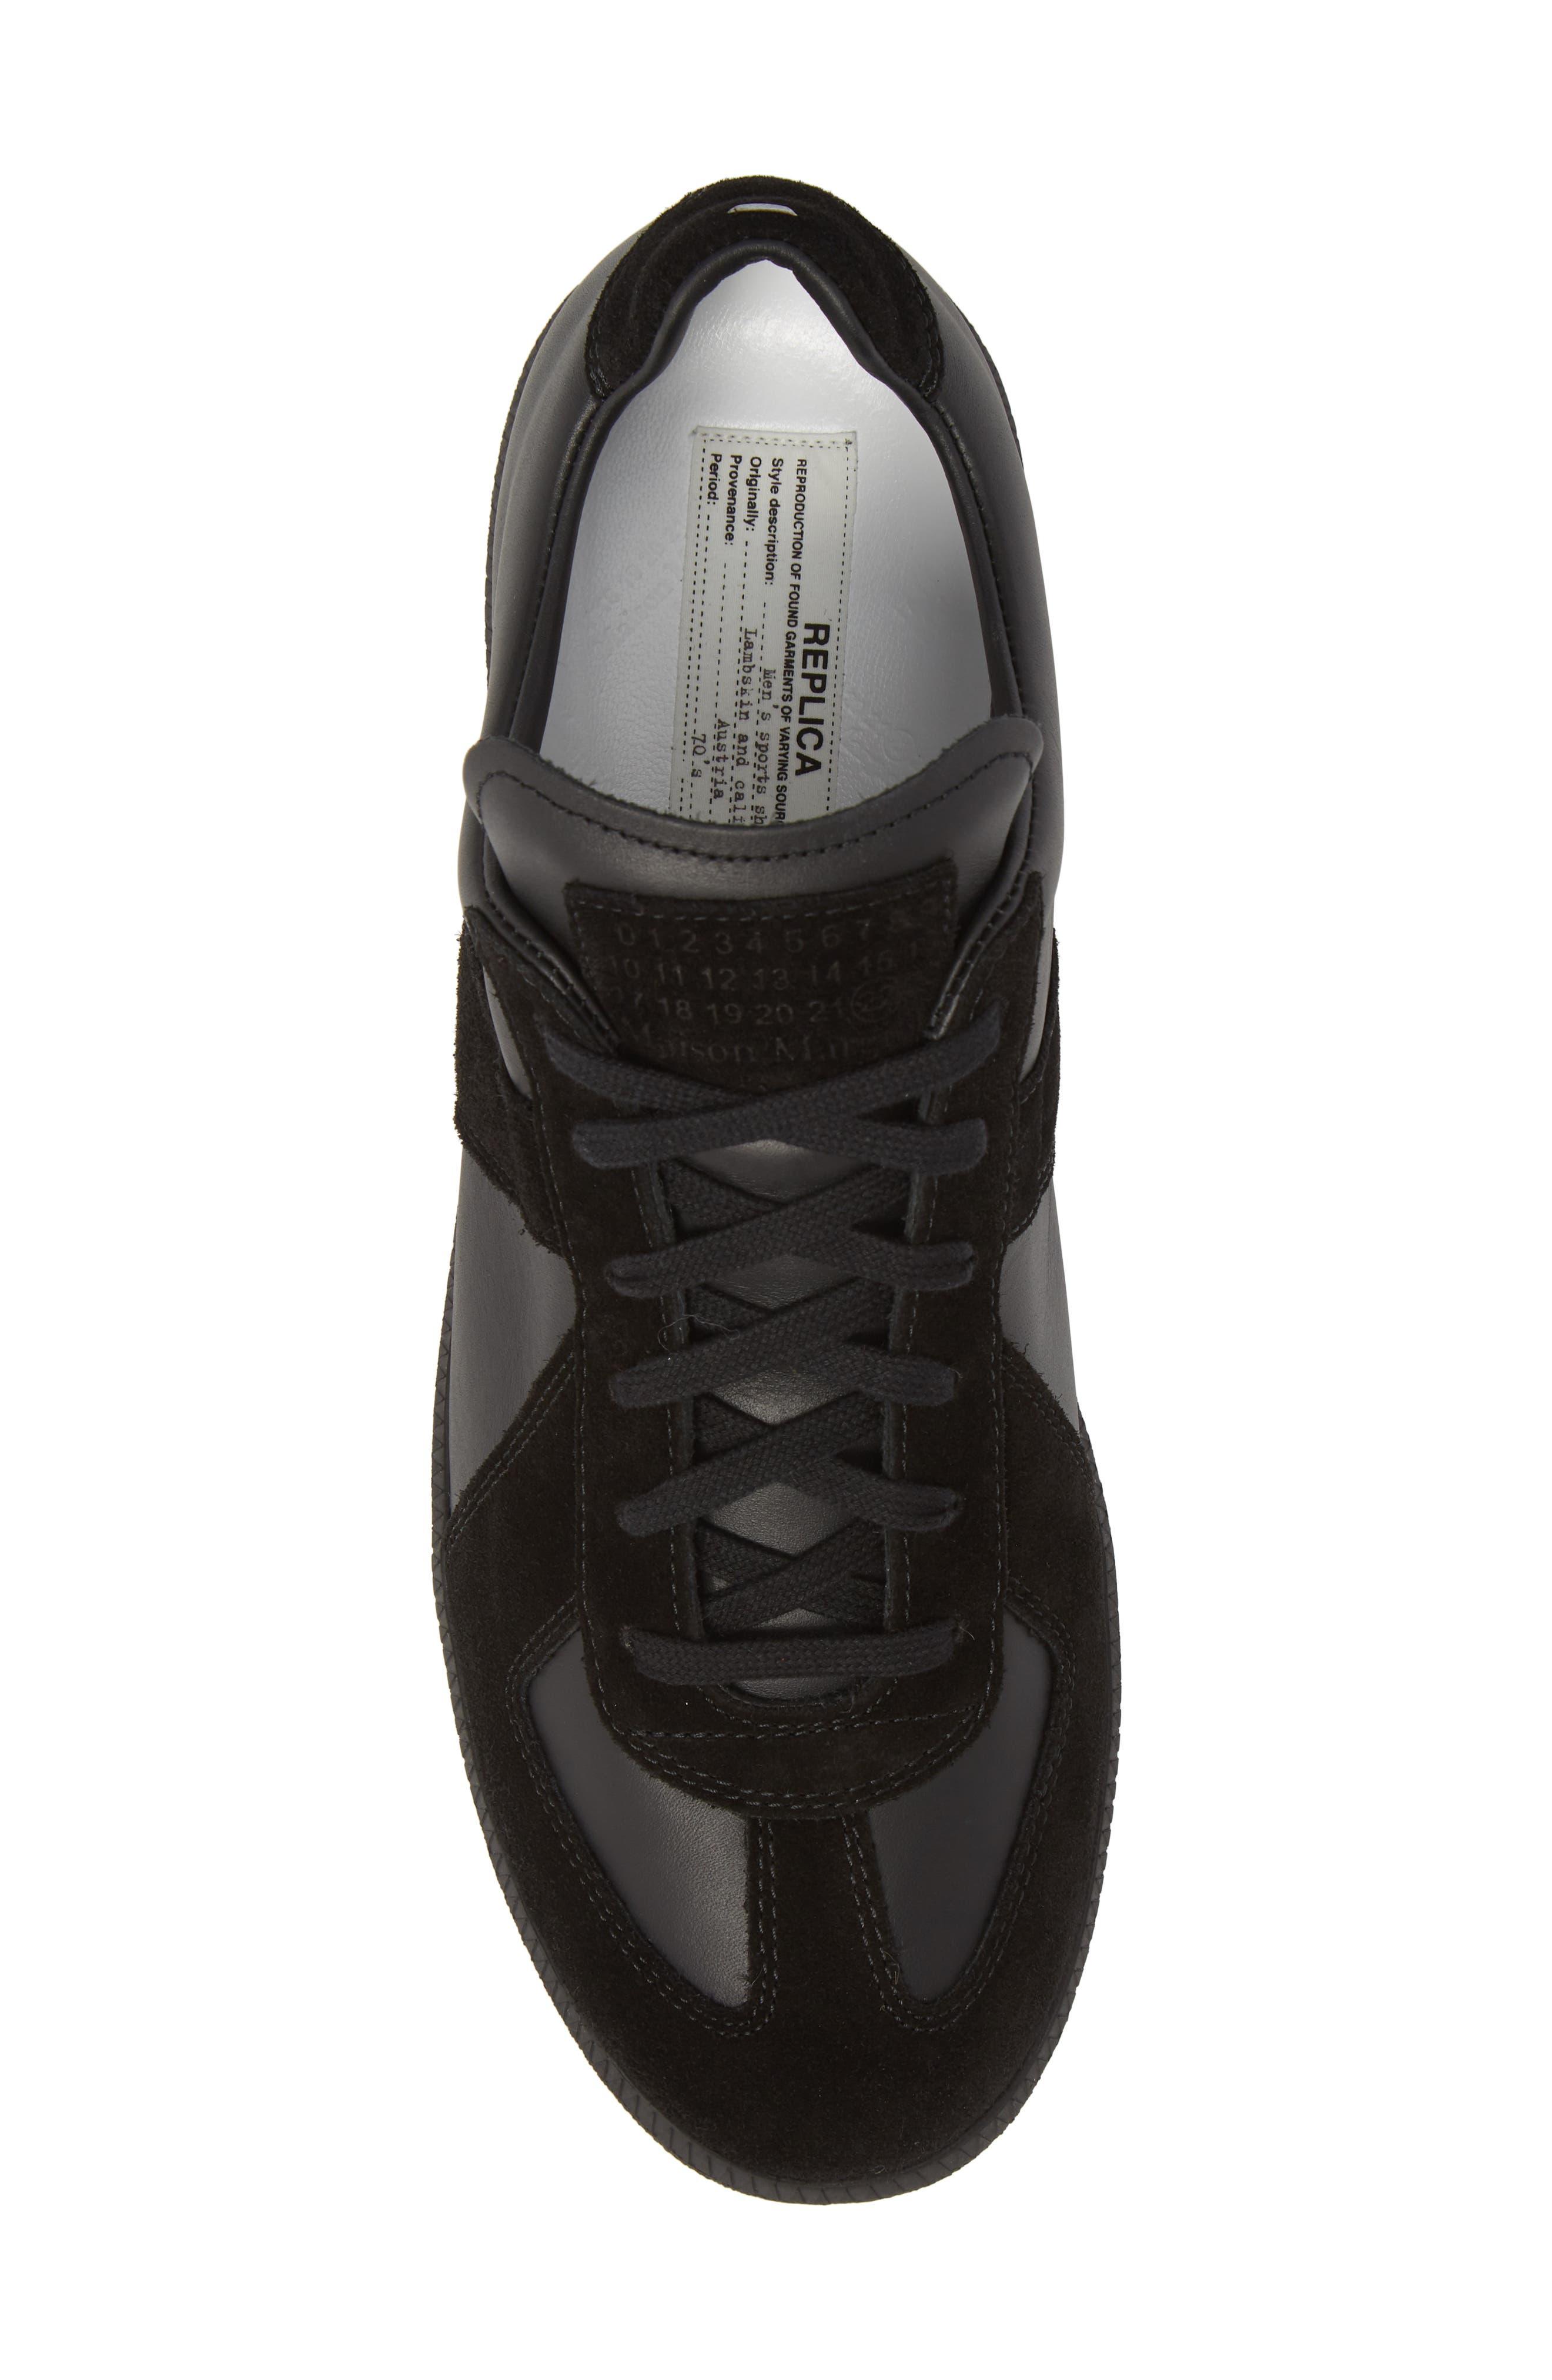 MM6 MAISON MARGIELA, Maison Margiela Replica Low Top Sneaker, Alternate thumbnail 5, color, BLACK